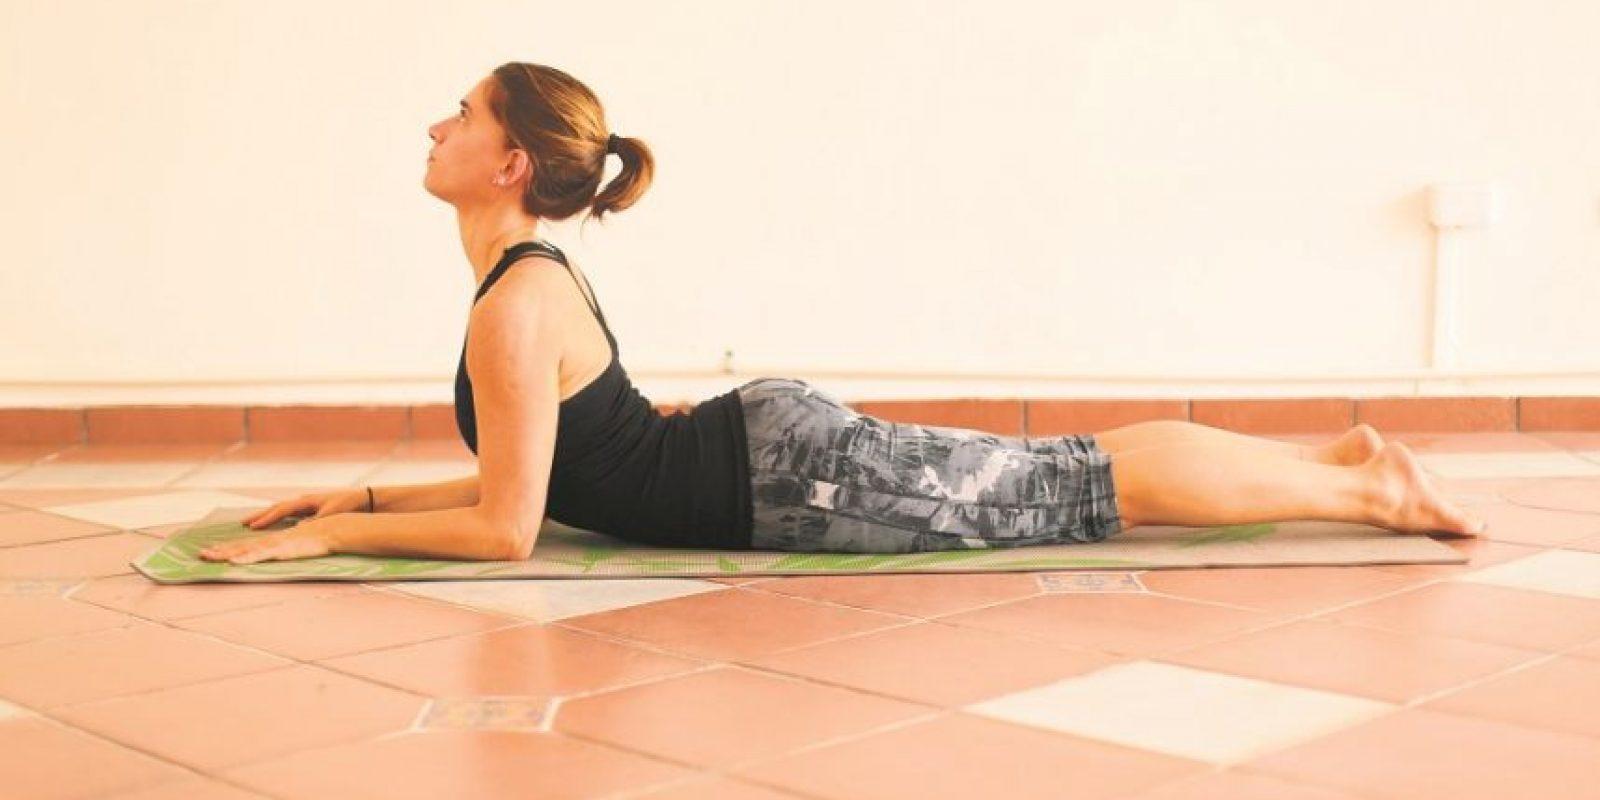 Esfinge. Beneficios:• Fortalece la columna vertebral• Estira el pecho, los pulmones, los hombros y el abdomen• Afirma los glúteos• Estimula los órganos abdominales• Ayuda a aliviar el estrés Foto:Fuente externa